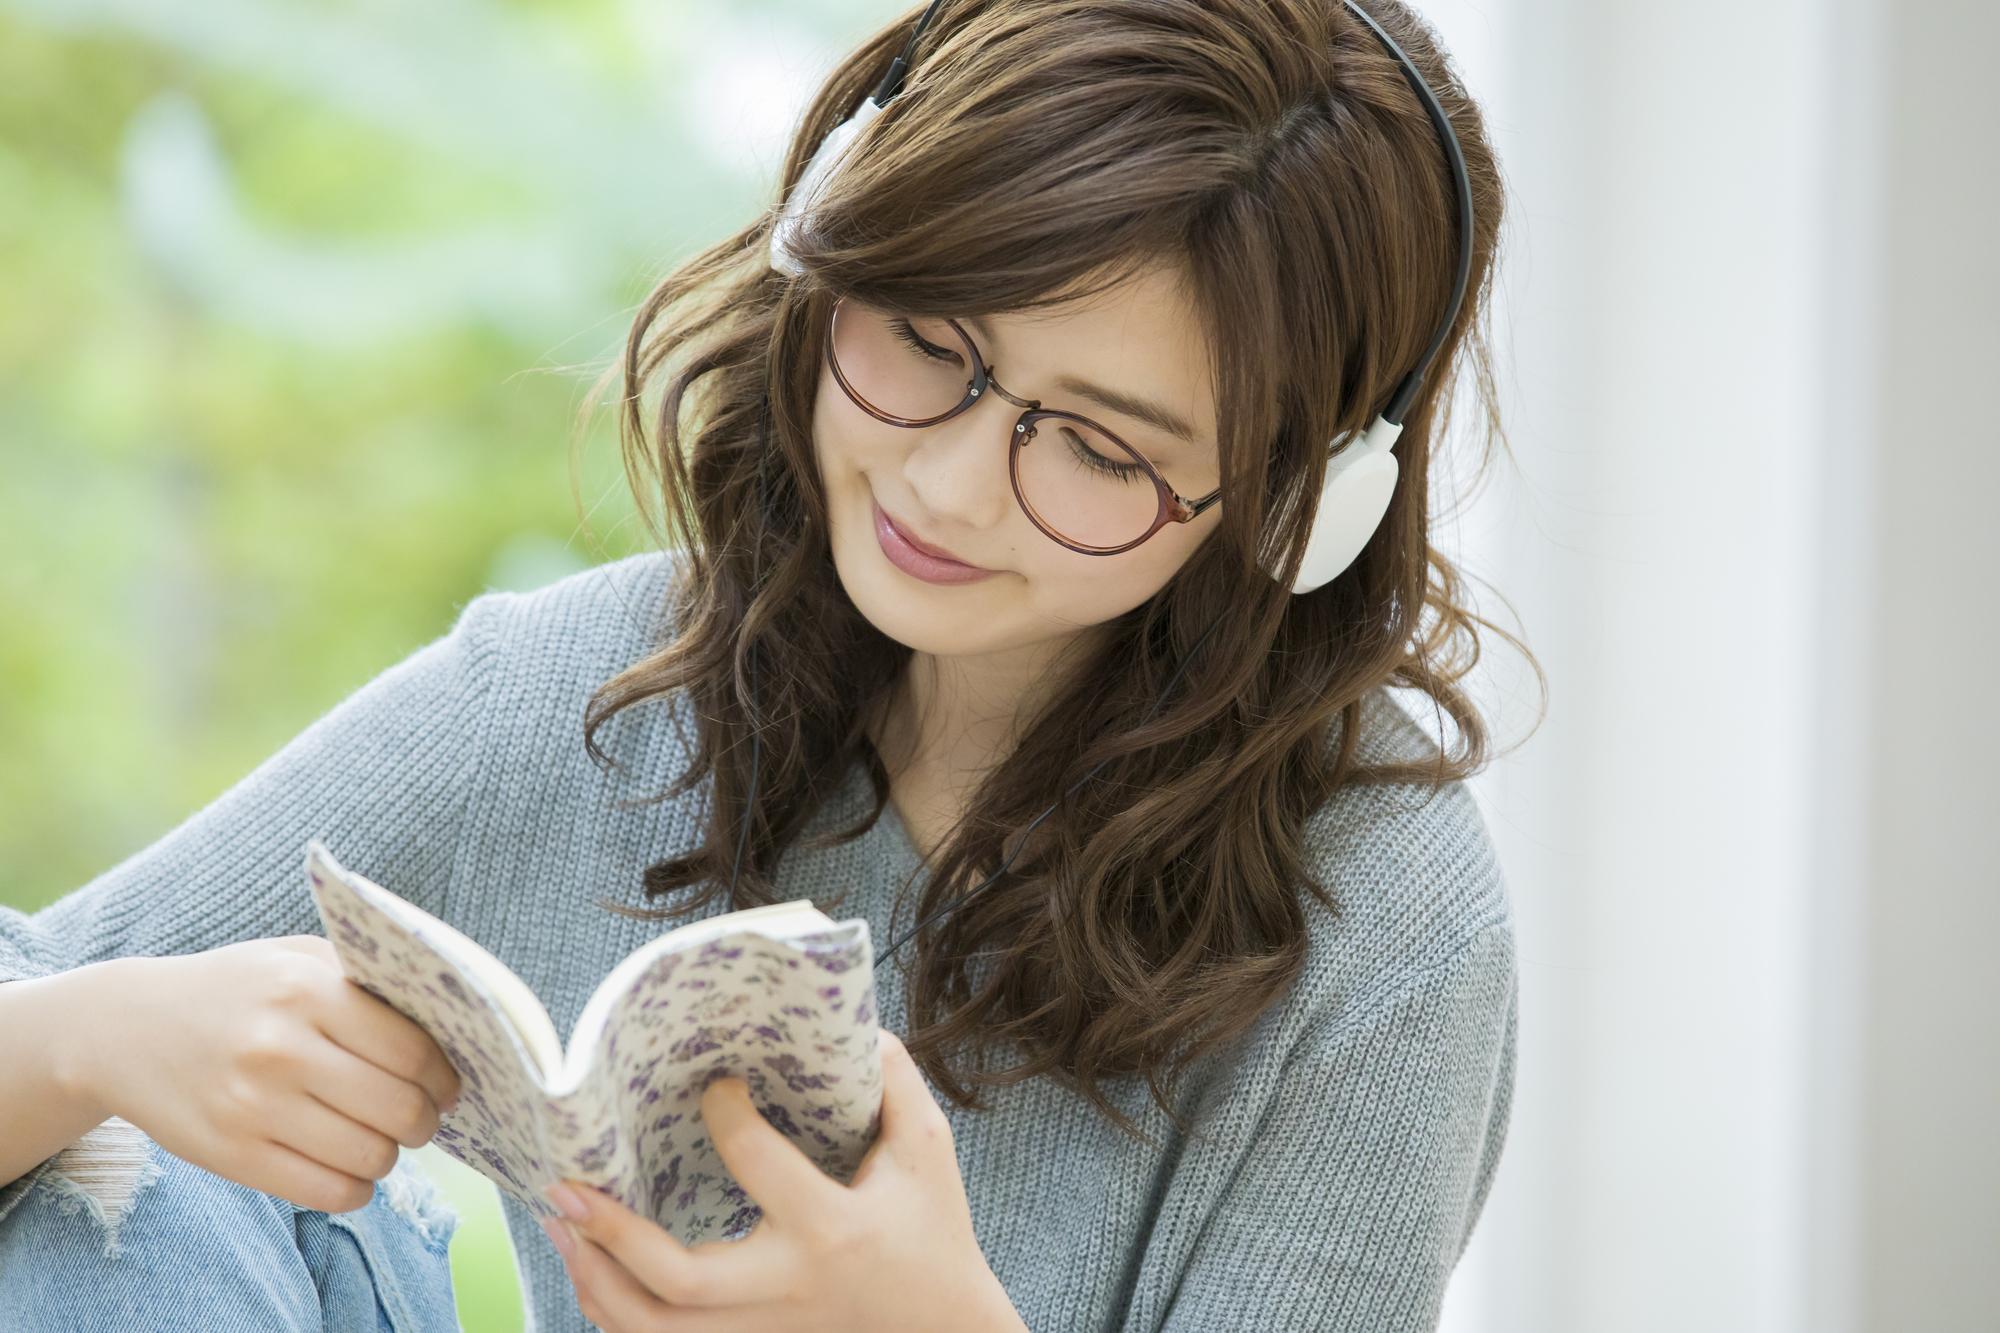 「本を聴く」新たな読書スタイル「オーディオブック」が、新たな潮流へ